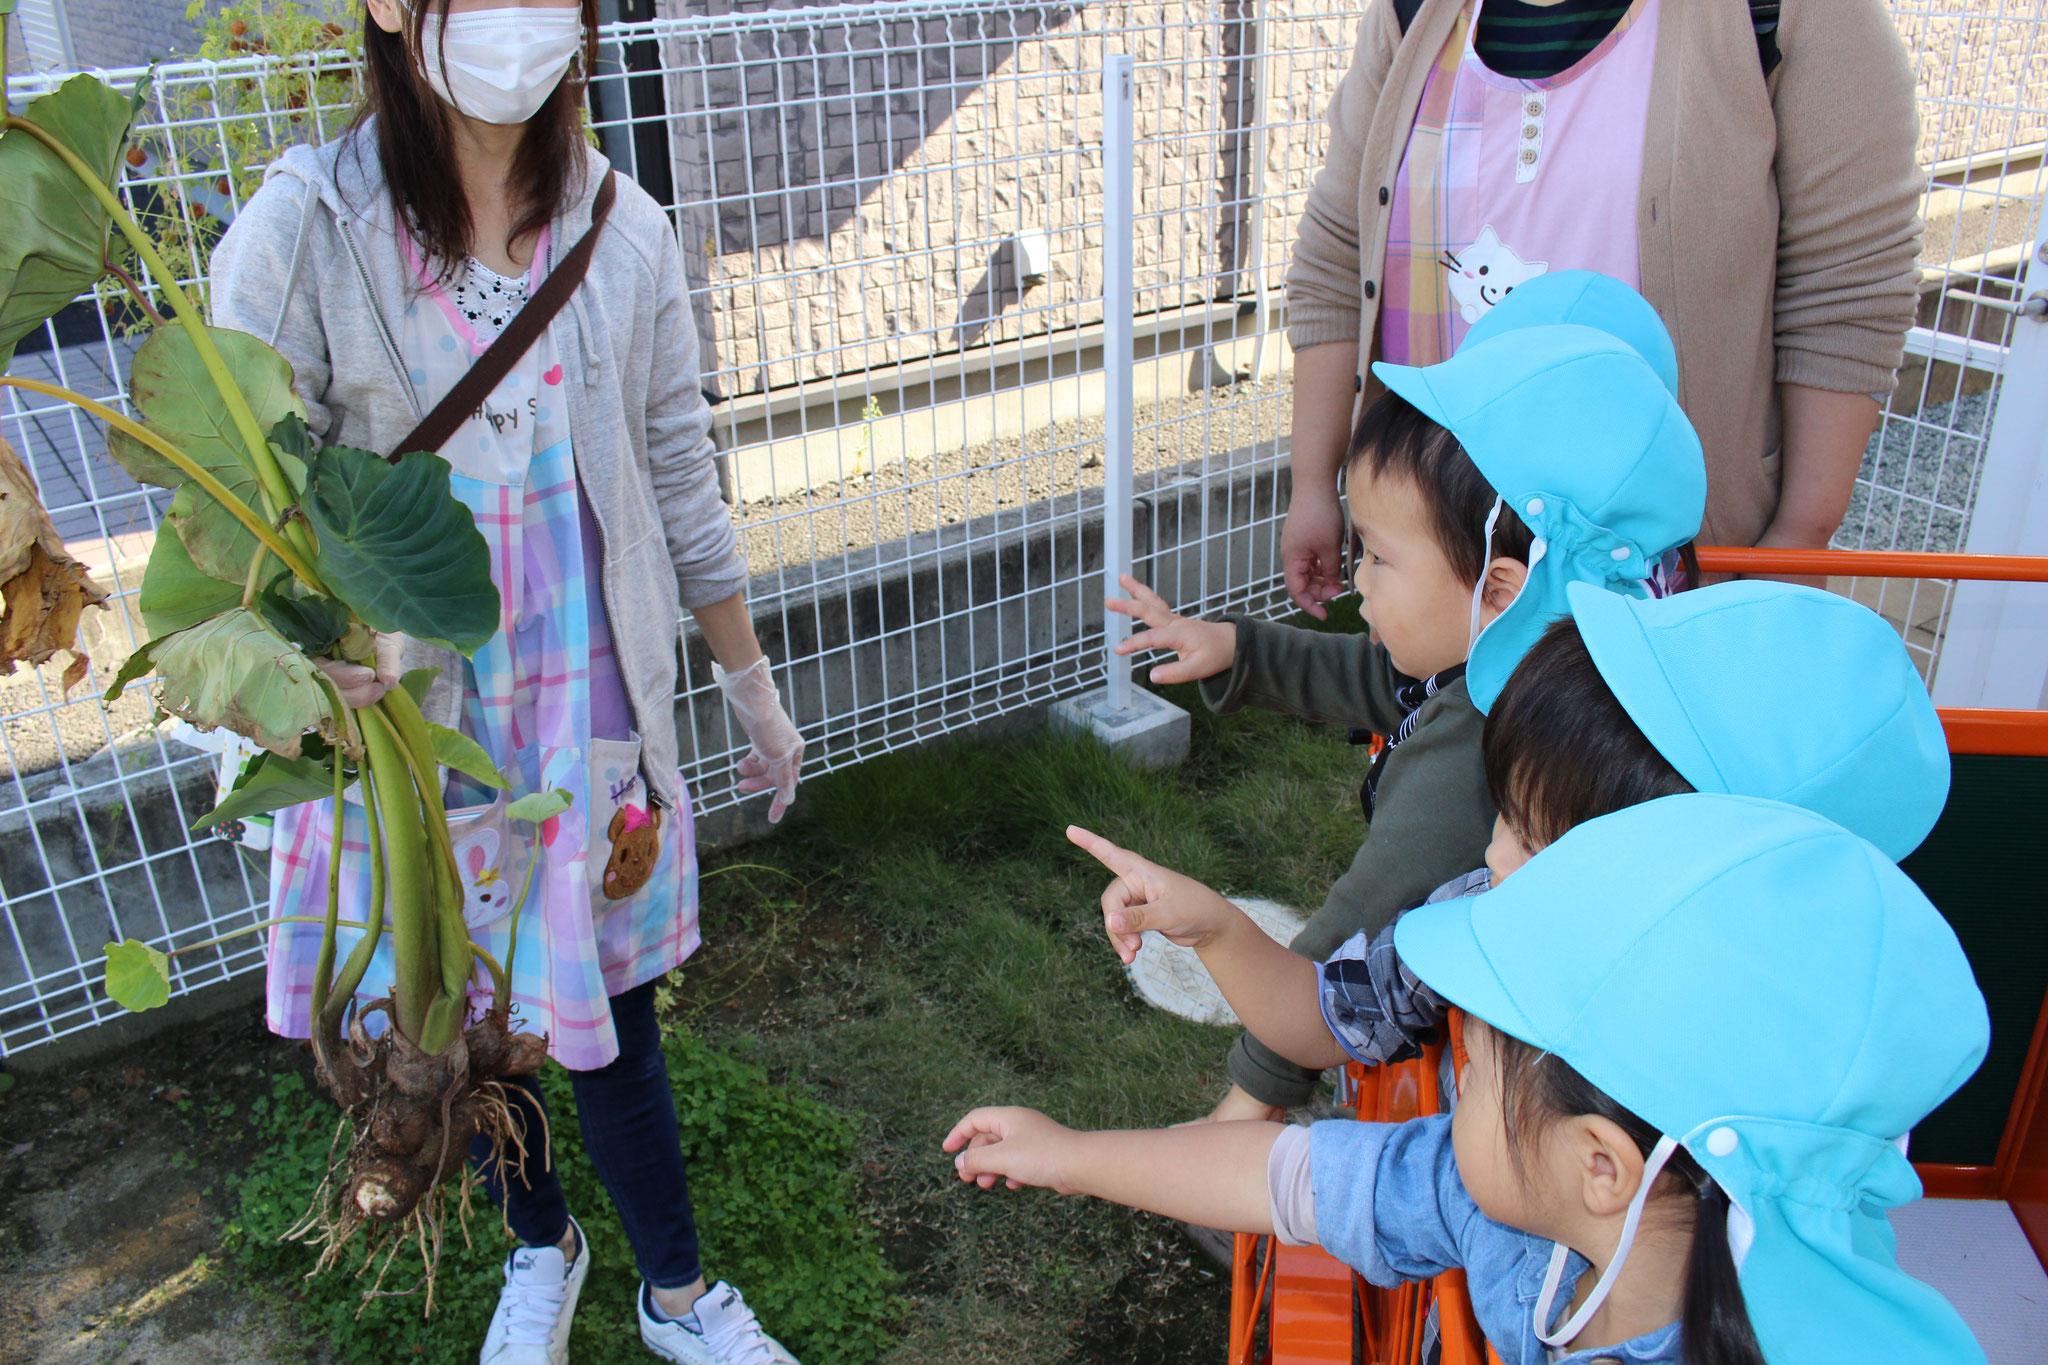 みんな 興味しんしんから 手を伸ばすけど 触るのは 葉っぱだけでね ( TДT)ゴメンヨー